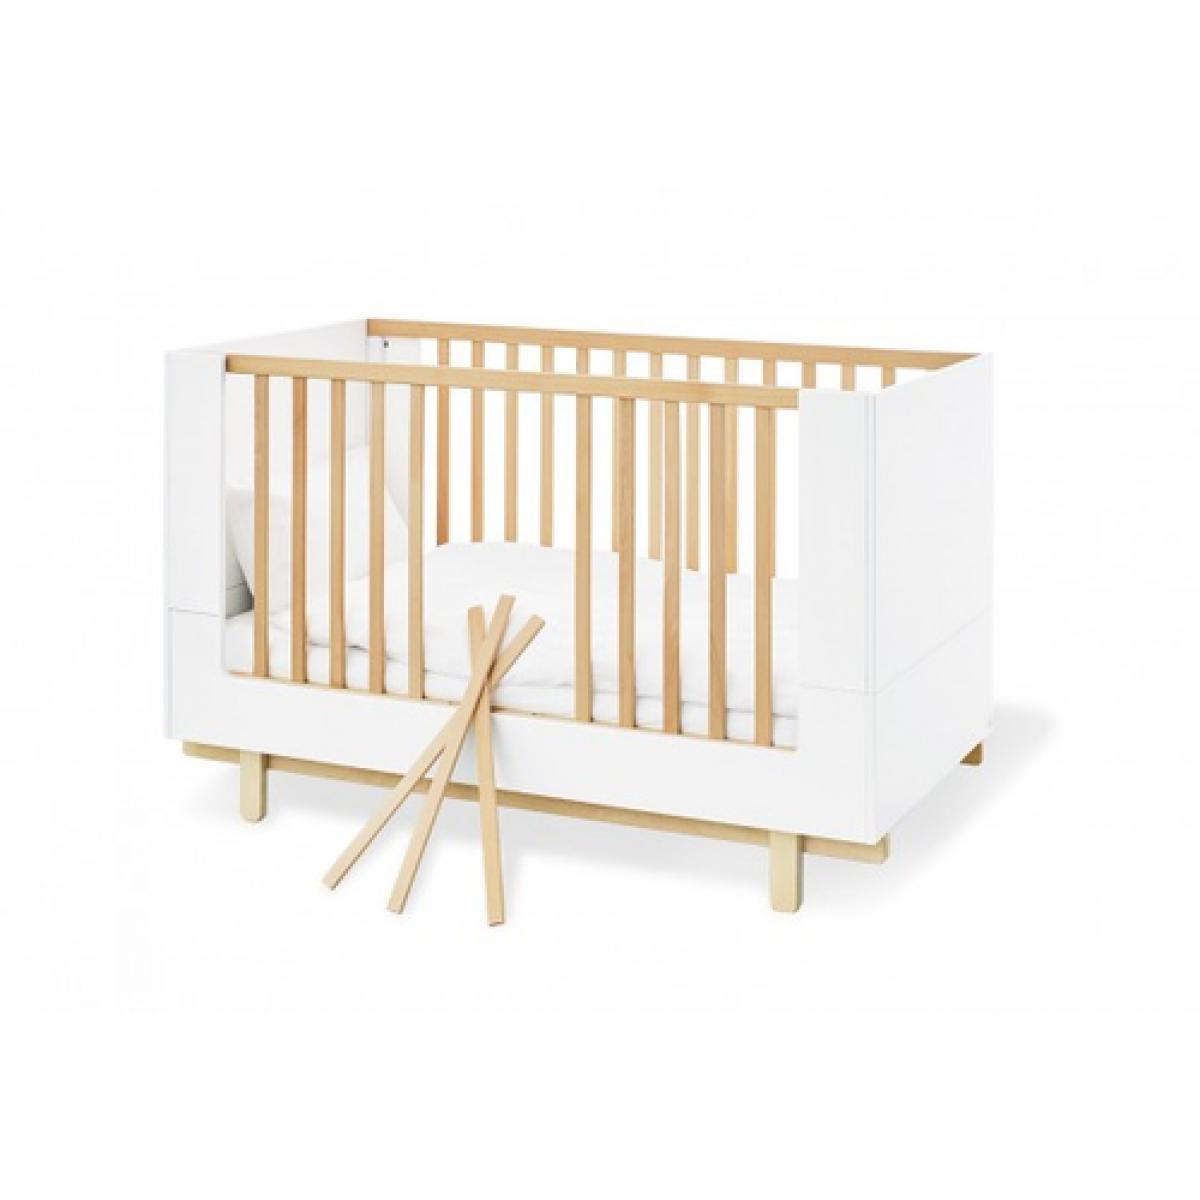 Pinolino Pinolino Ensemble Economique Boks large 2 pièces lit de bébé évolutif commode à langer large